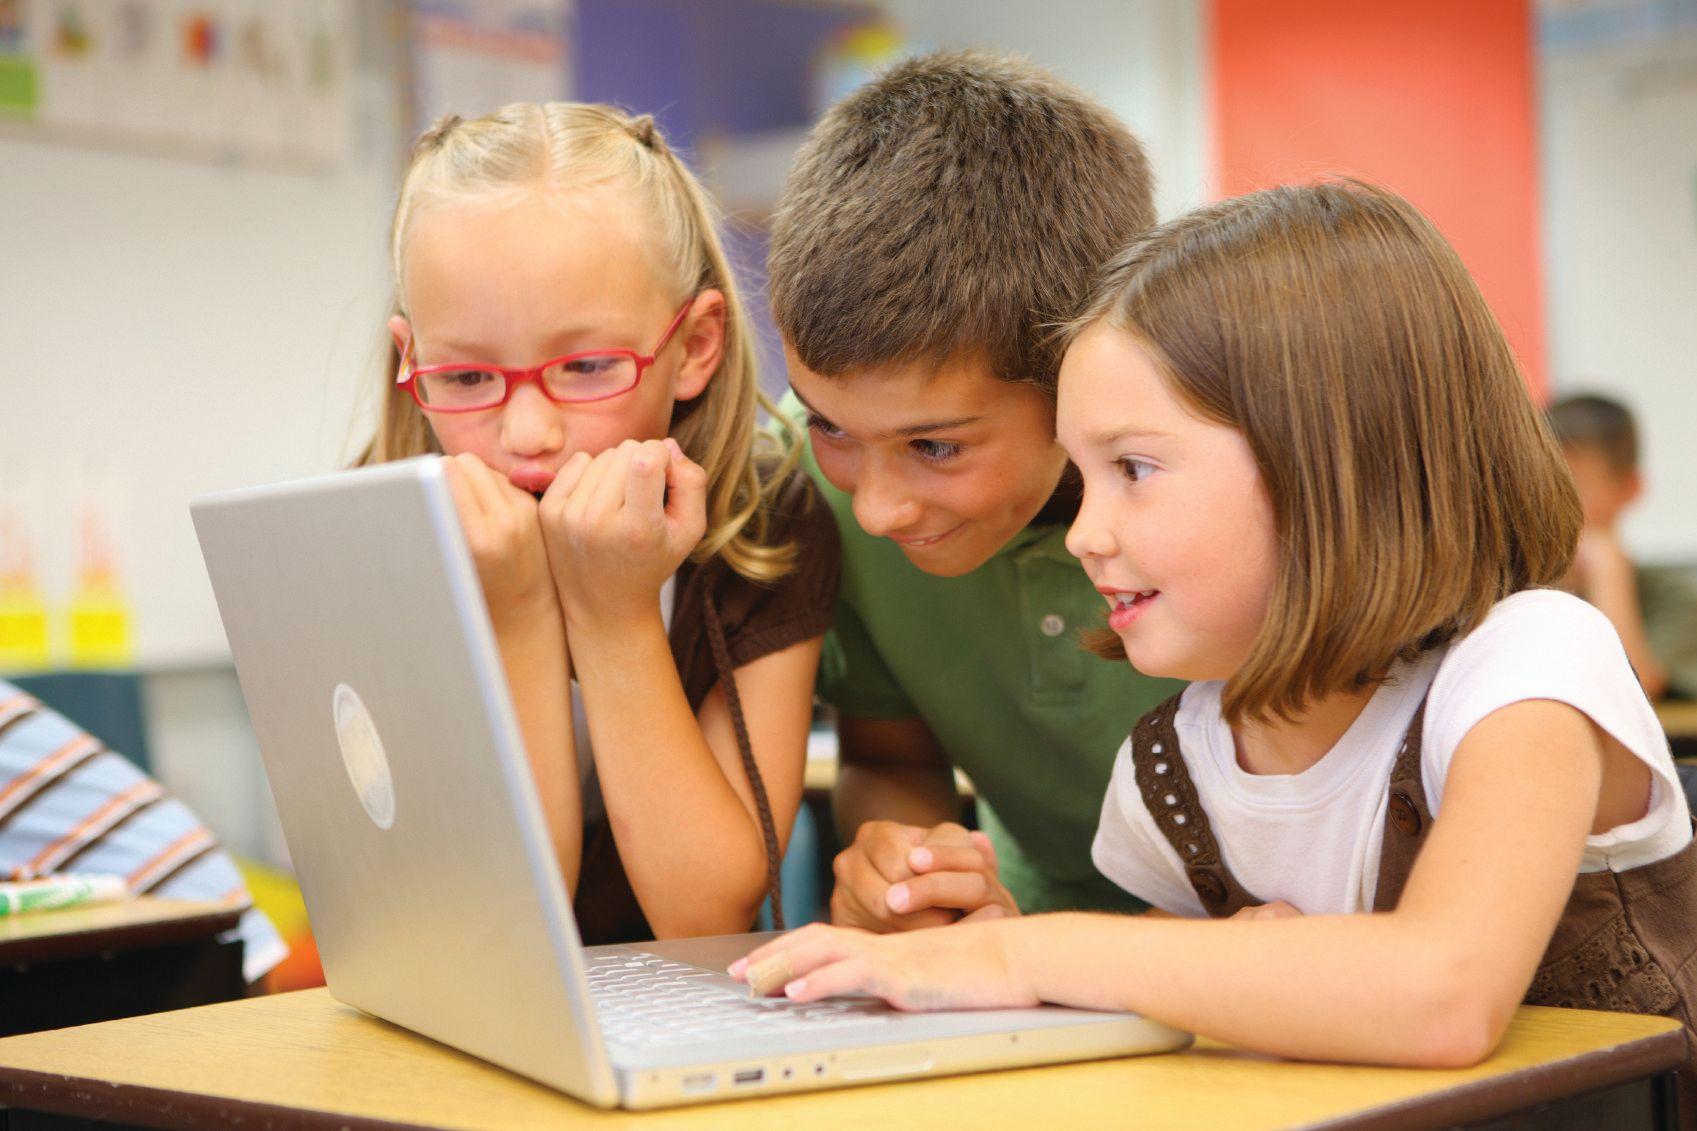 З вересня усі українські школярі зможуть долучитися до безкоштовного он-лайн вивчення англійської мови на платформі Lingva.Skills.